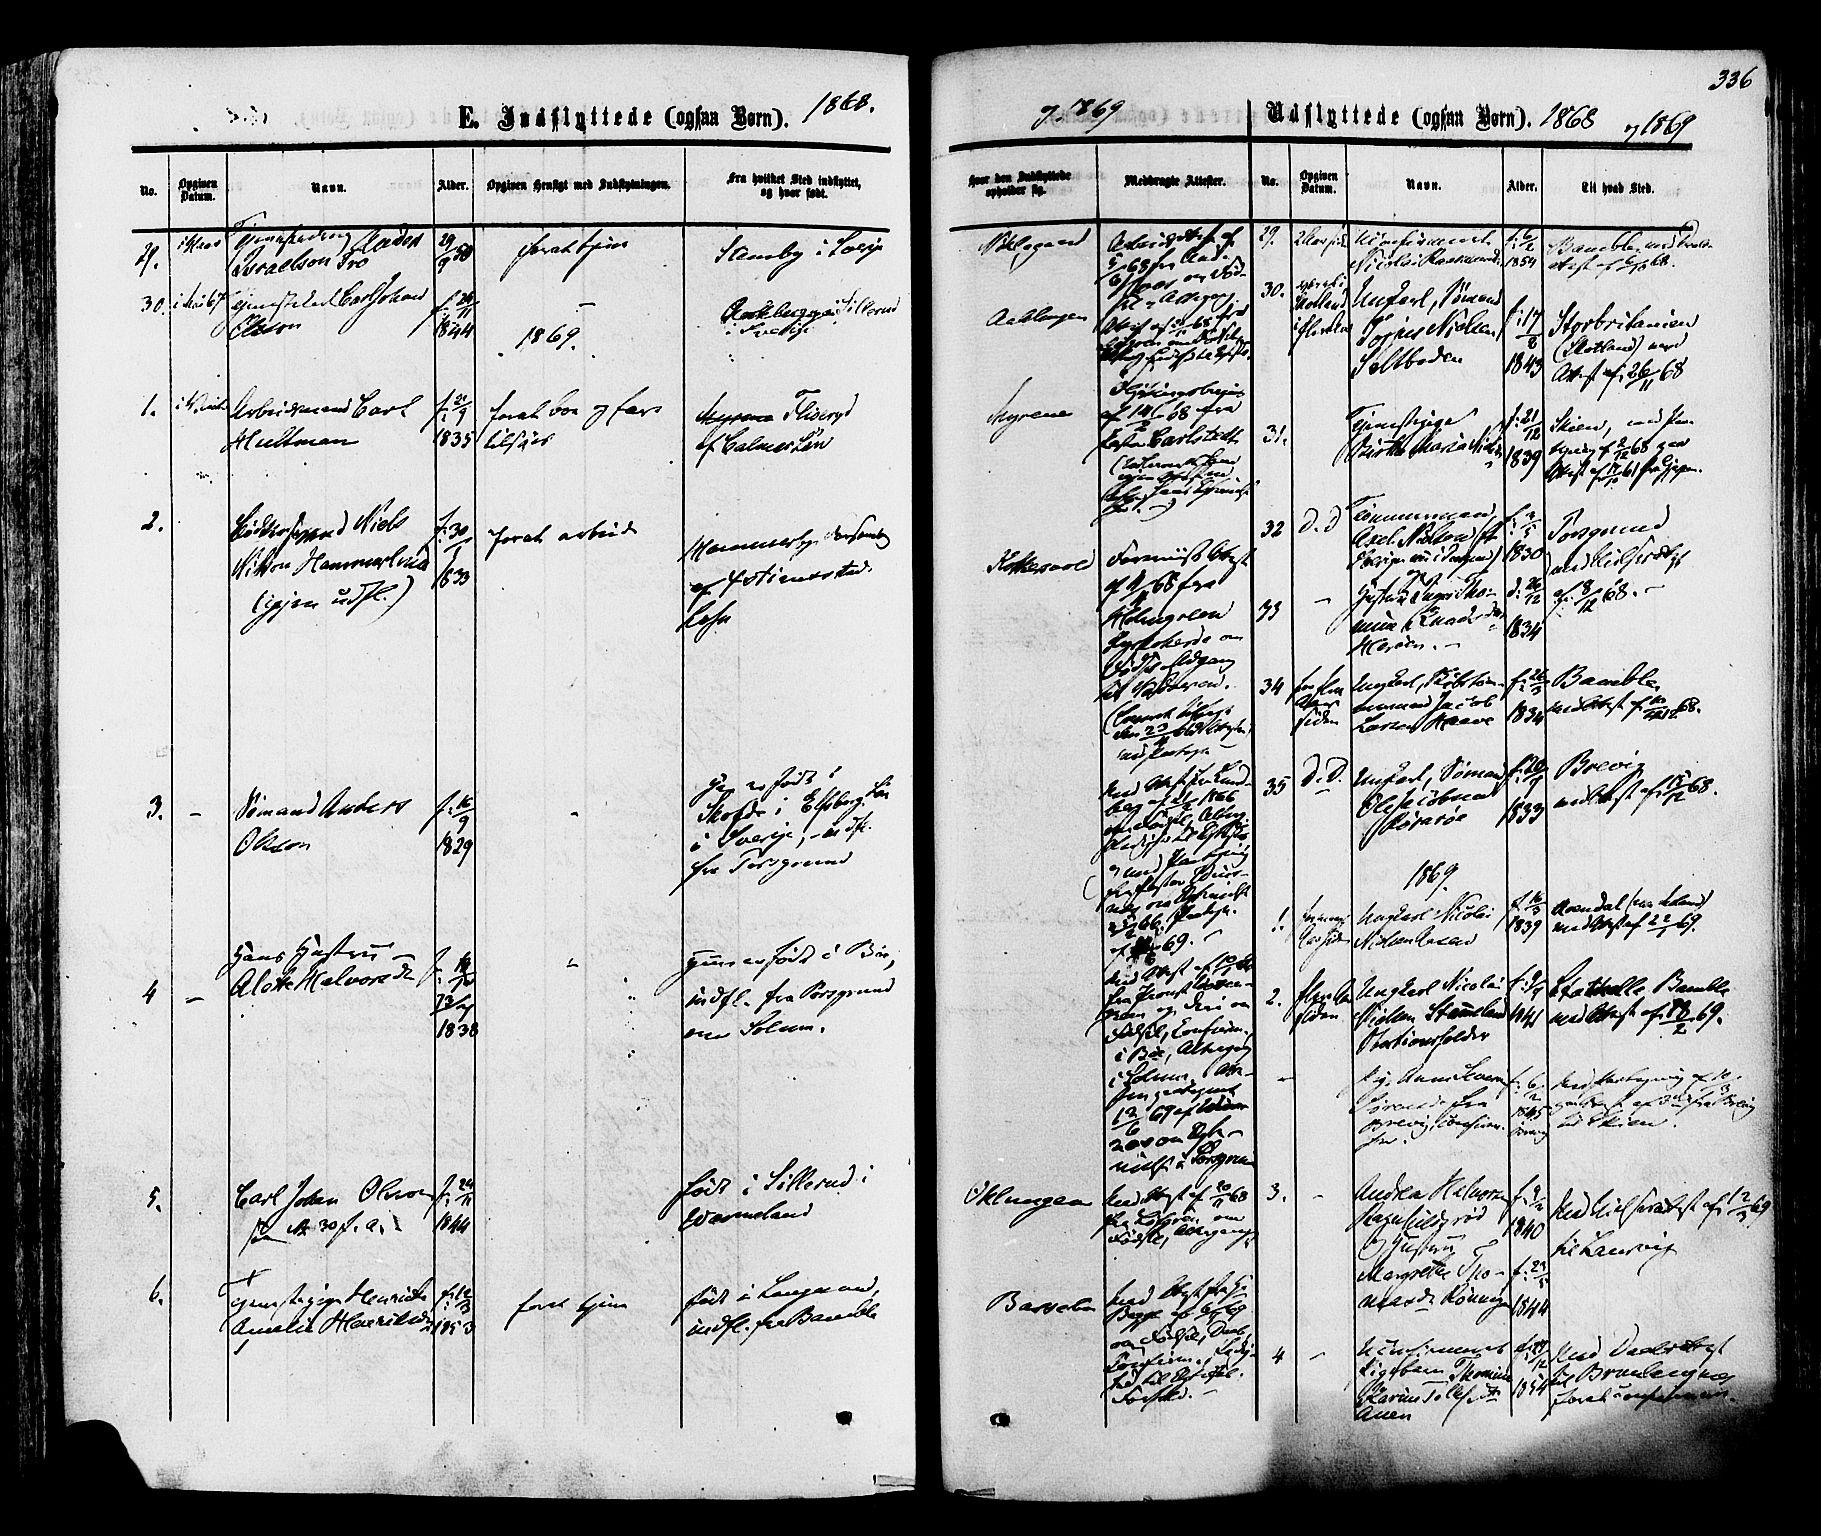 SAKO, Eidanger kirkebøker, F/Fa/L0010: Ministerialbok nr. 10, 1859-1874, s. 336